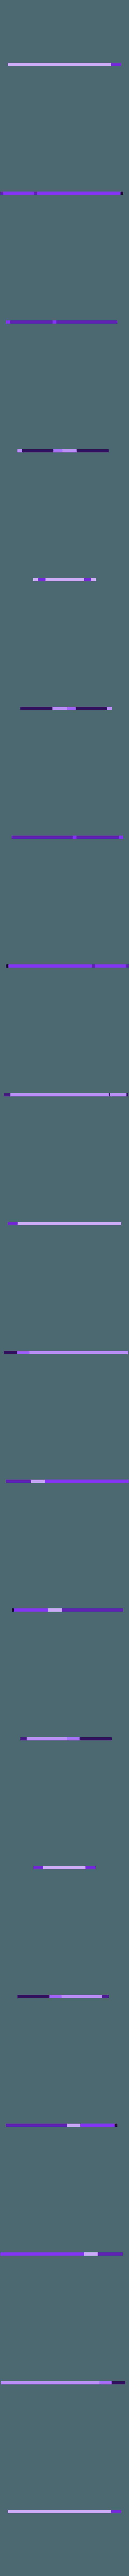 300x300x350 - Gold - Blade Decal (Advent Children).stl Download STL file Final Fantasy VII - Buster Sword - Bracelet - Shoulder pad  • 3D print model, 3Dutchie